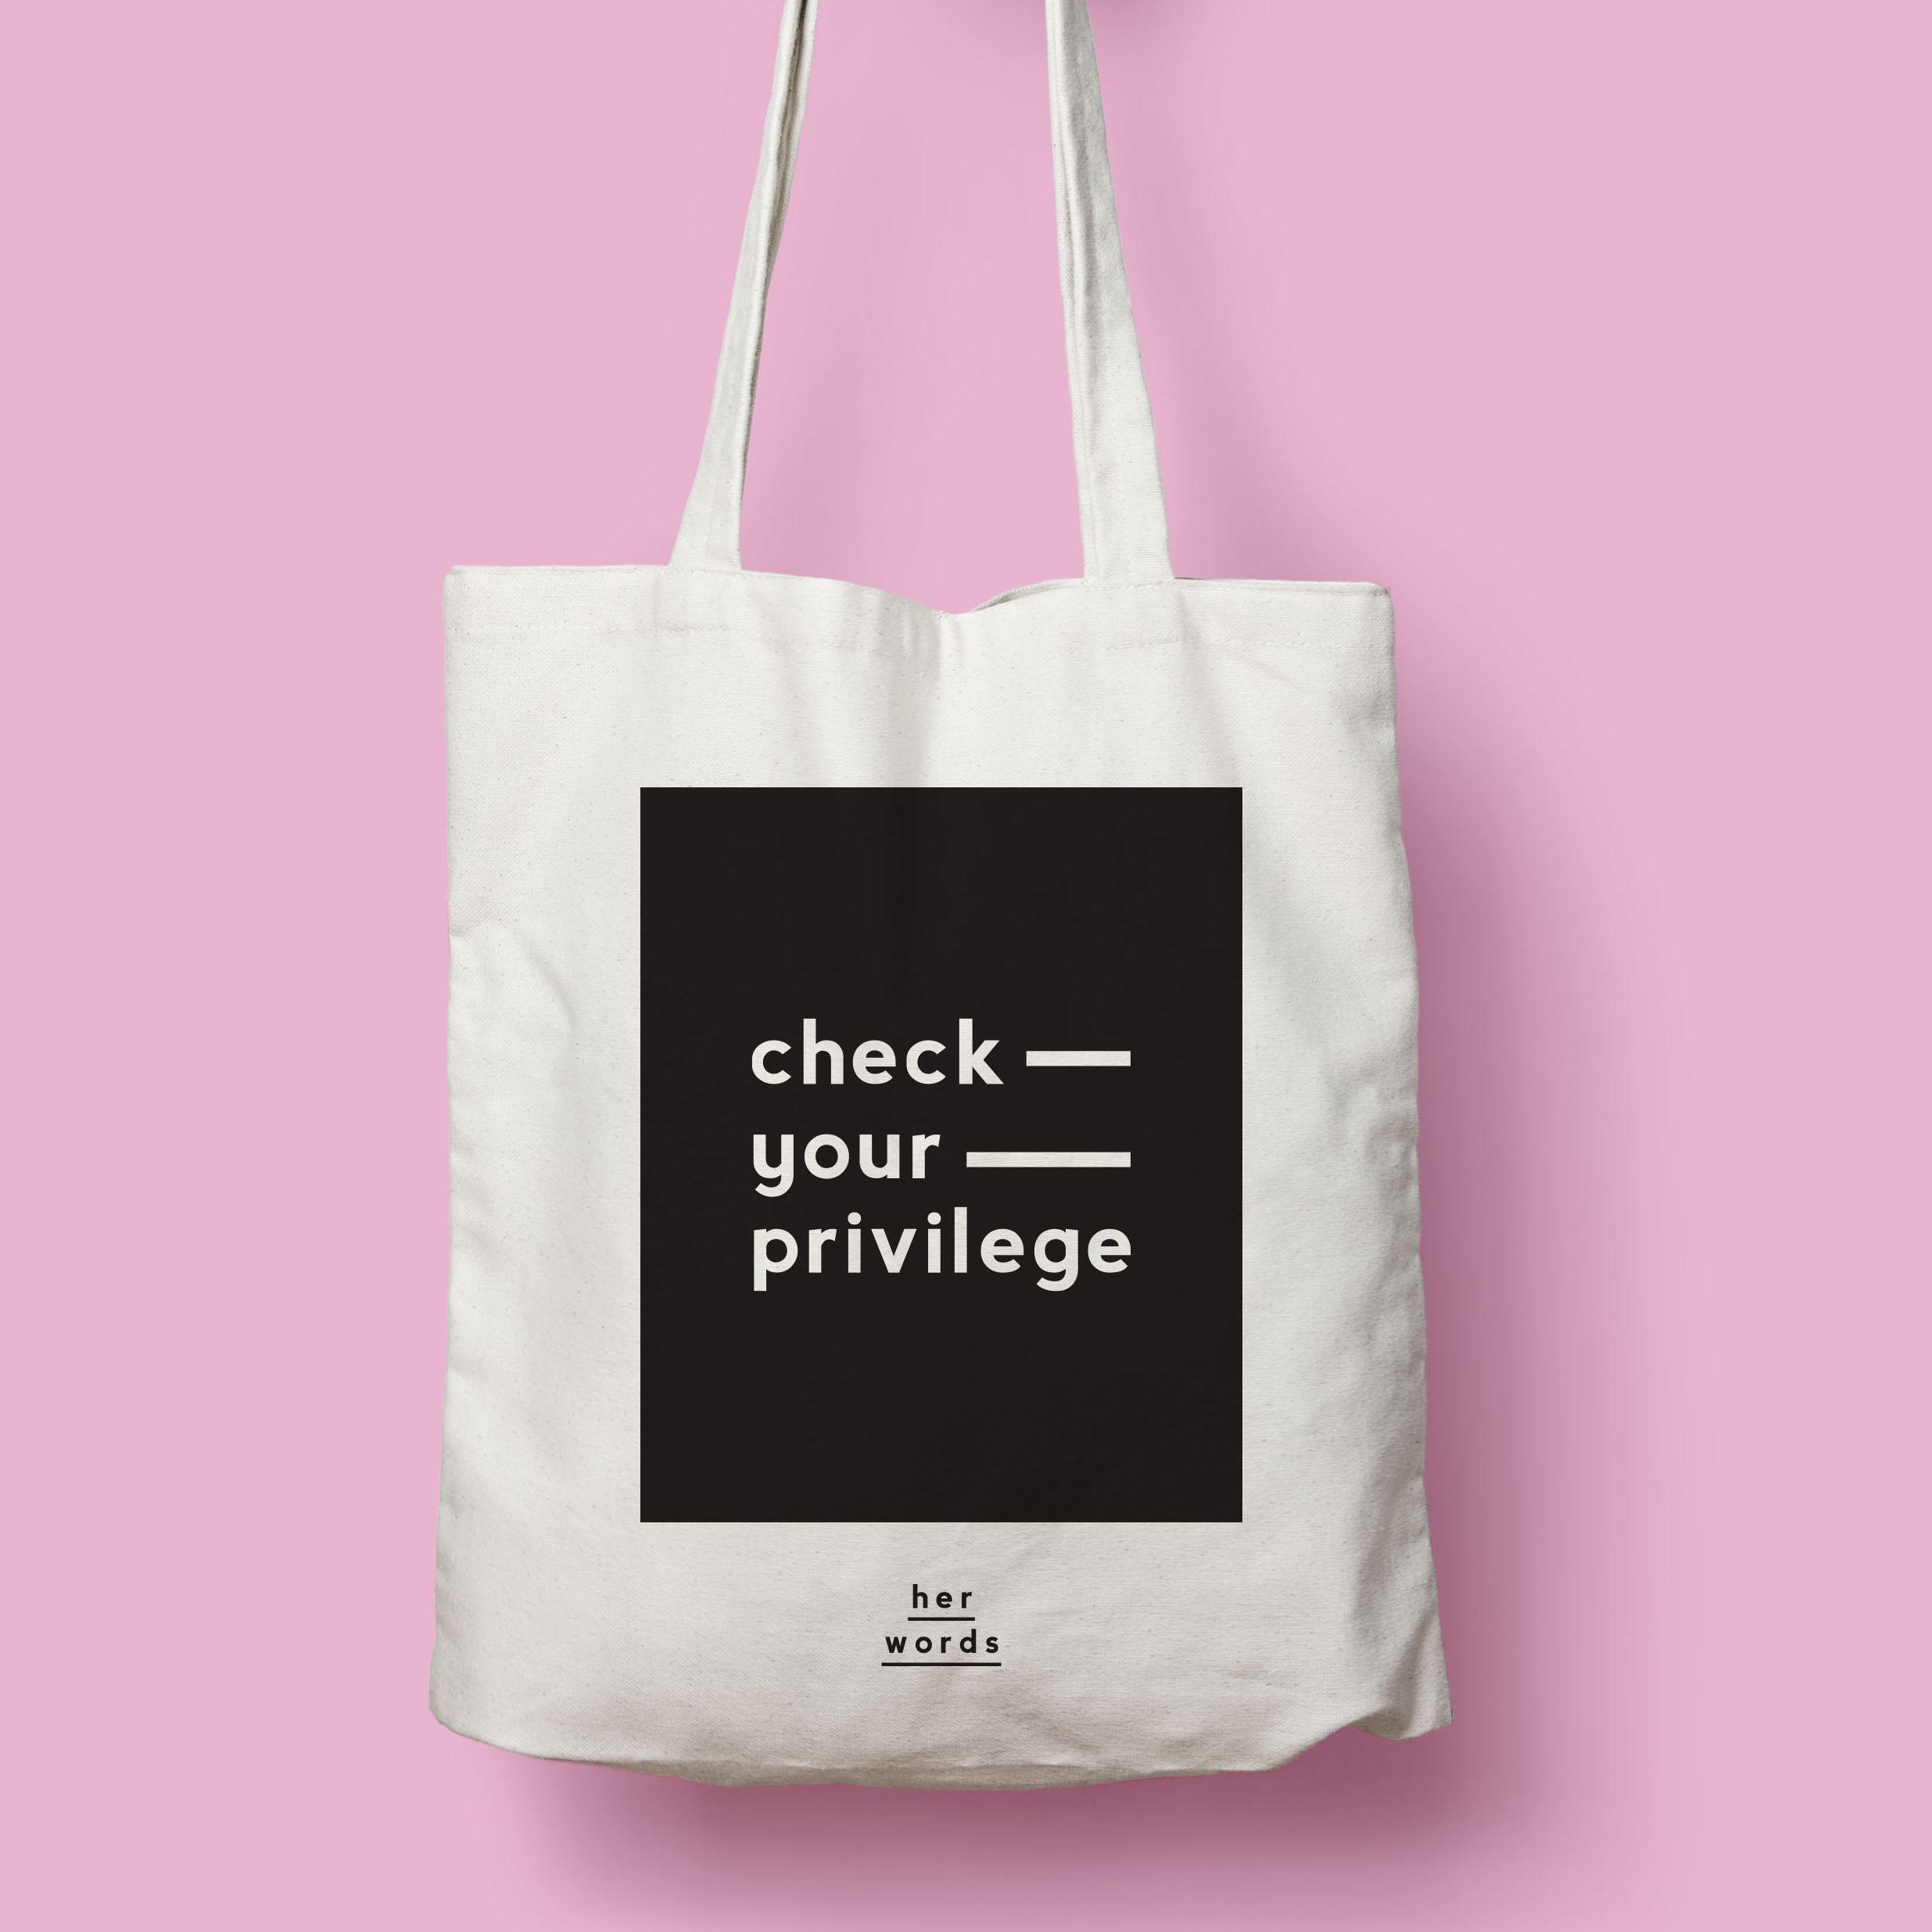 Check your privilege Tote BAG -